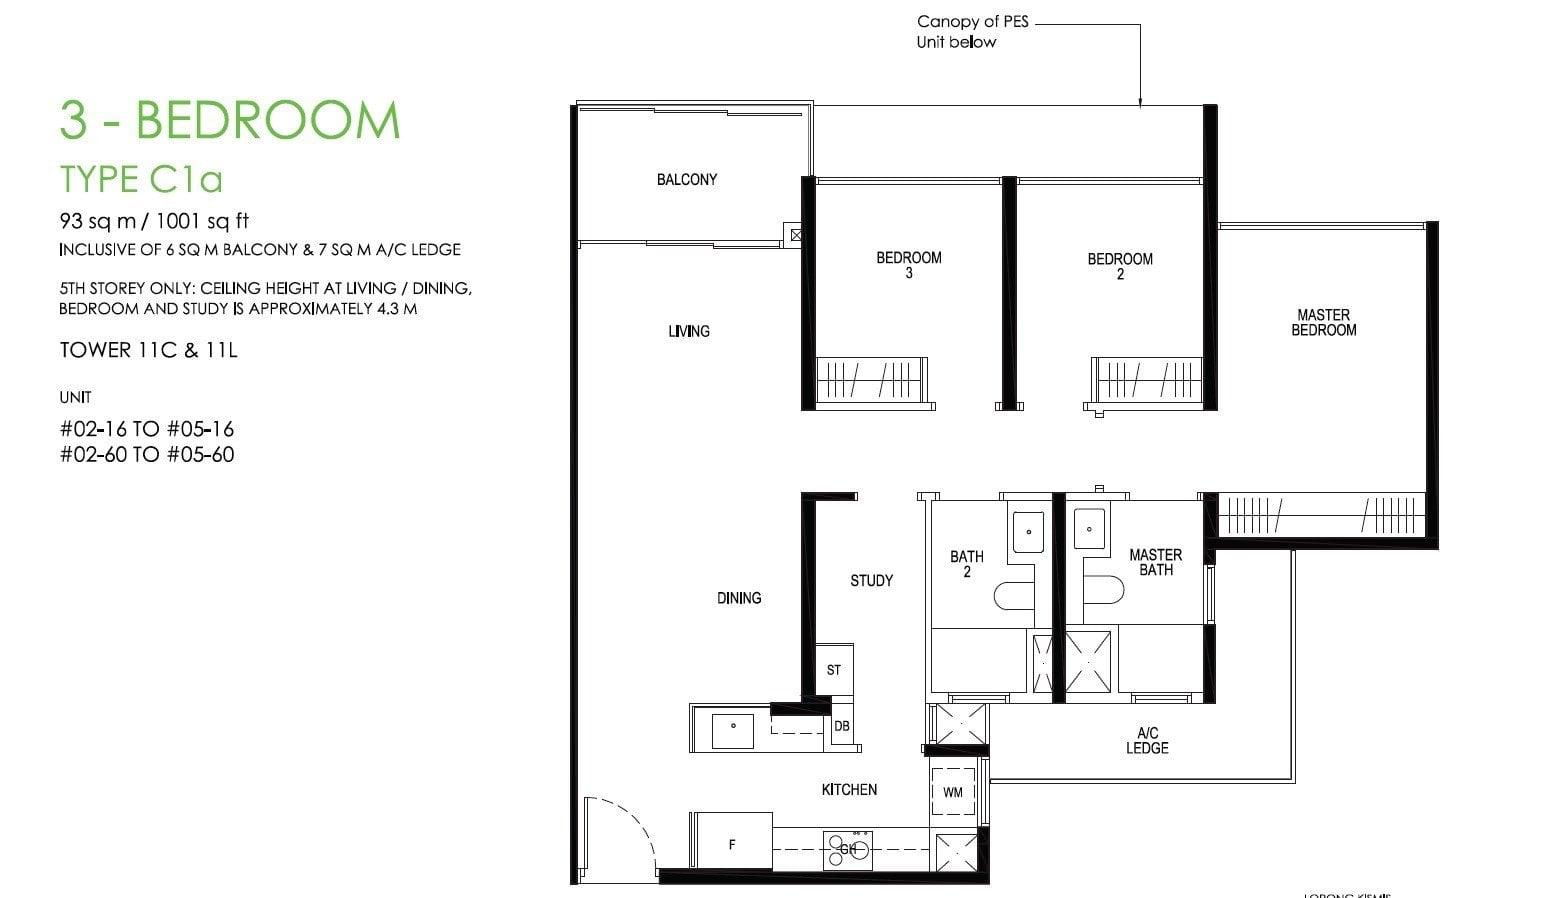 daintree-condo-floor plan 3BR